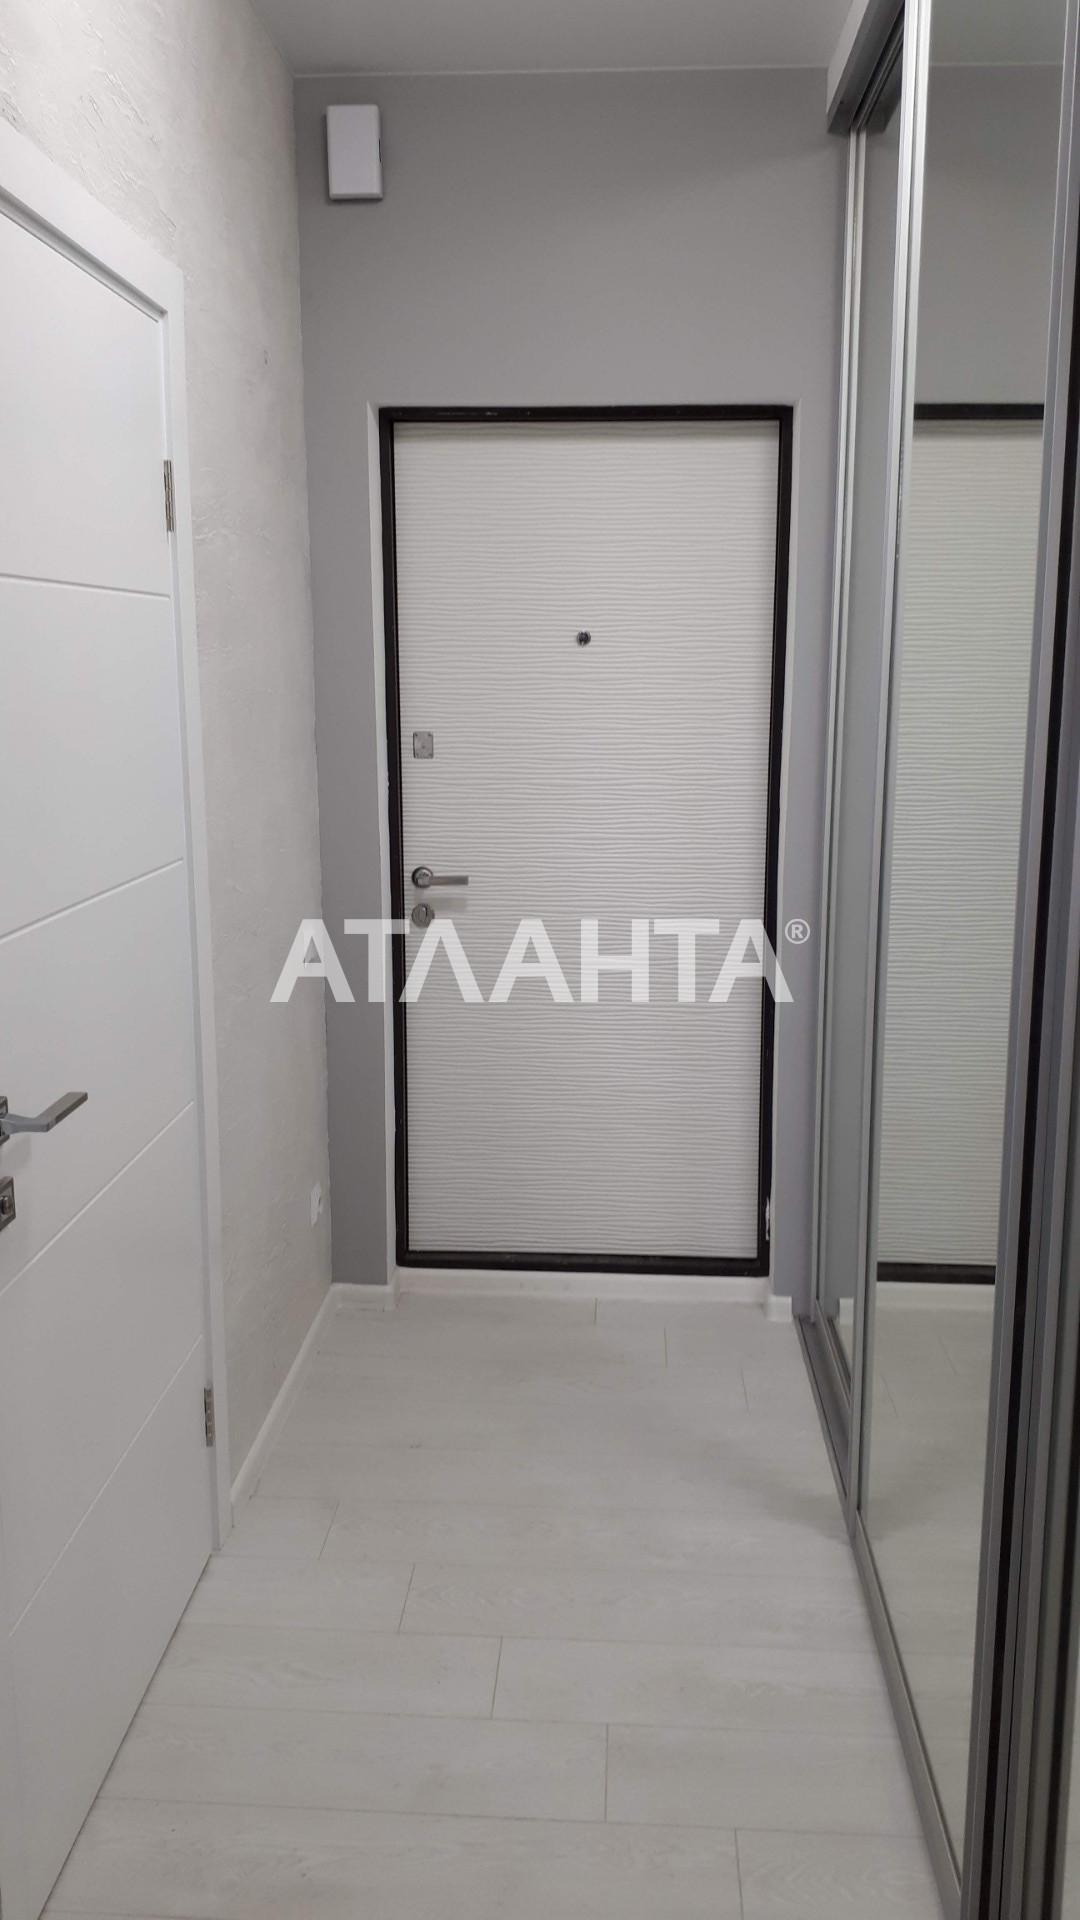 Продается 1-комнатная Квартира на ул. Ул. Максимовича (Онуфрия Трутенко) — 62 900 у.е. (фото №9)